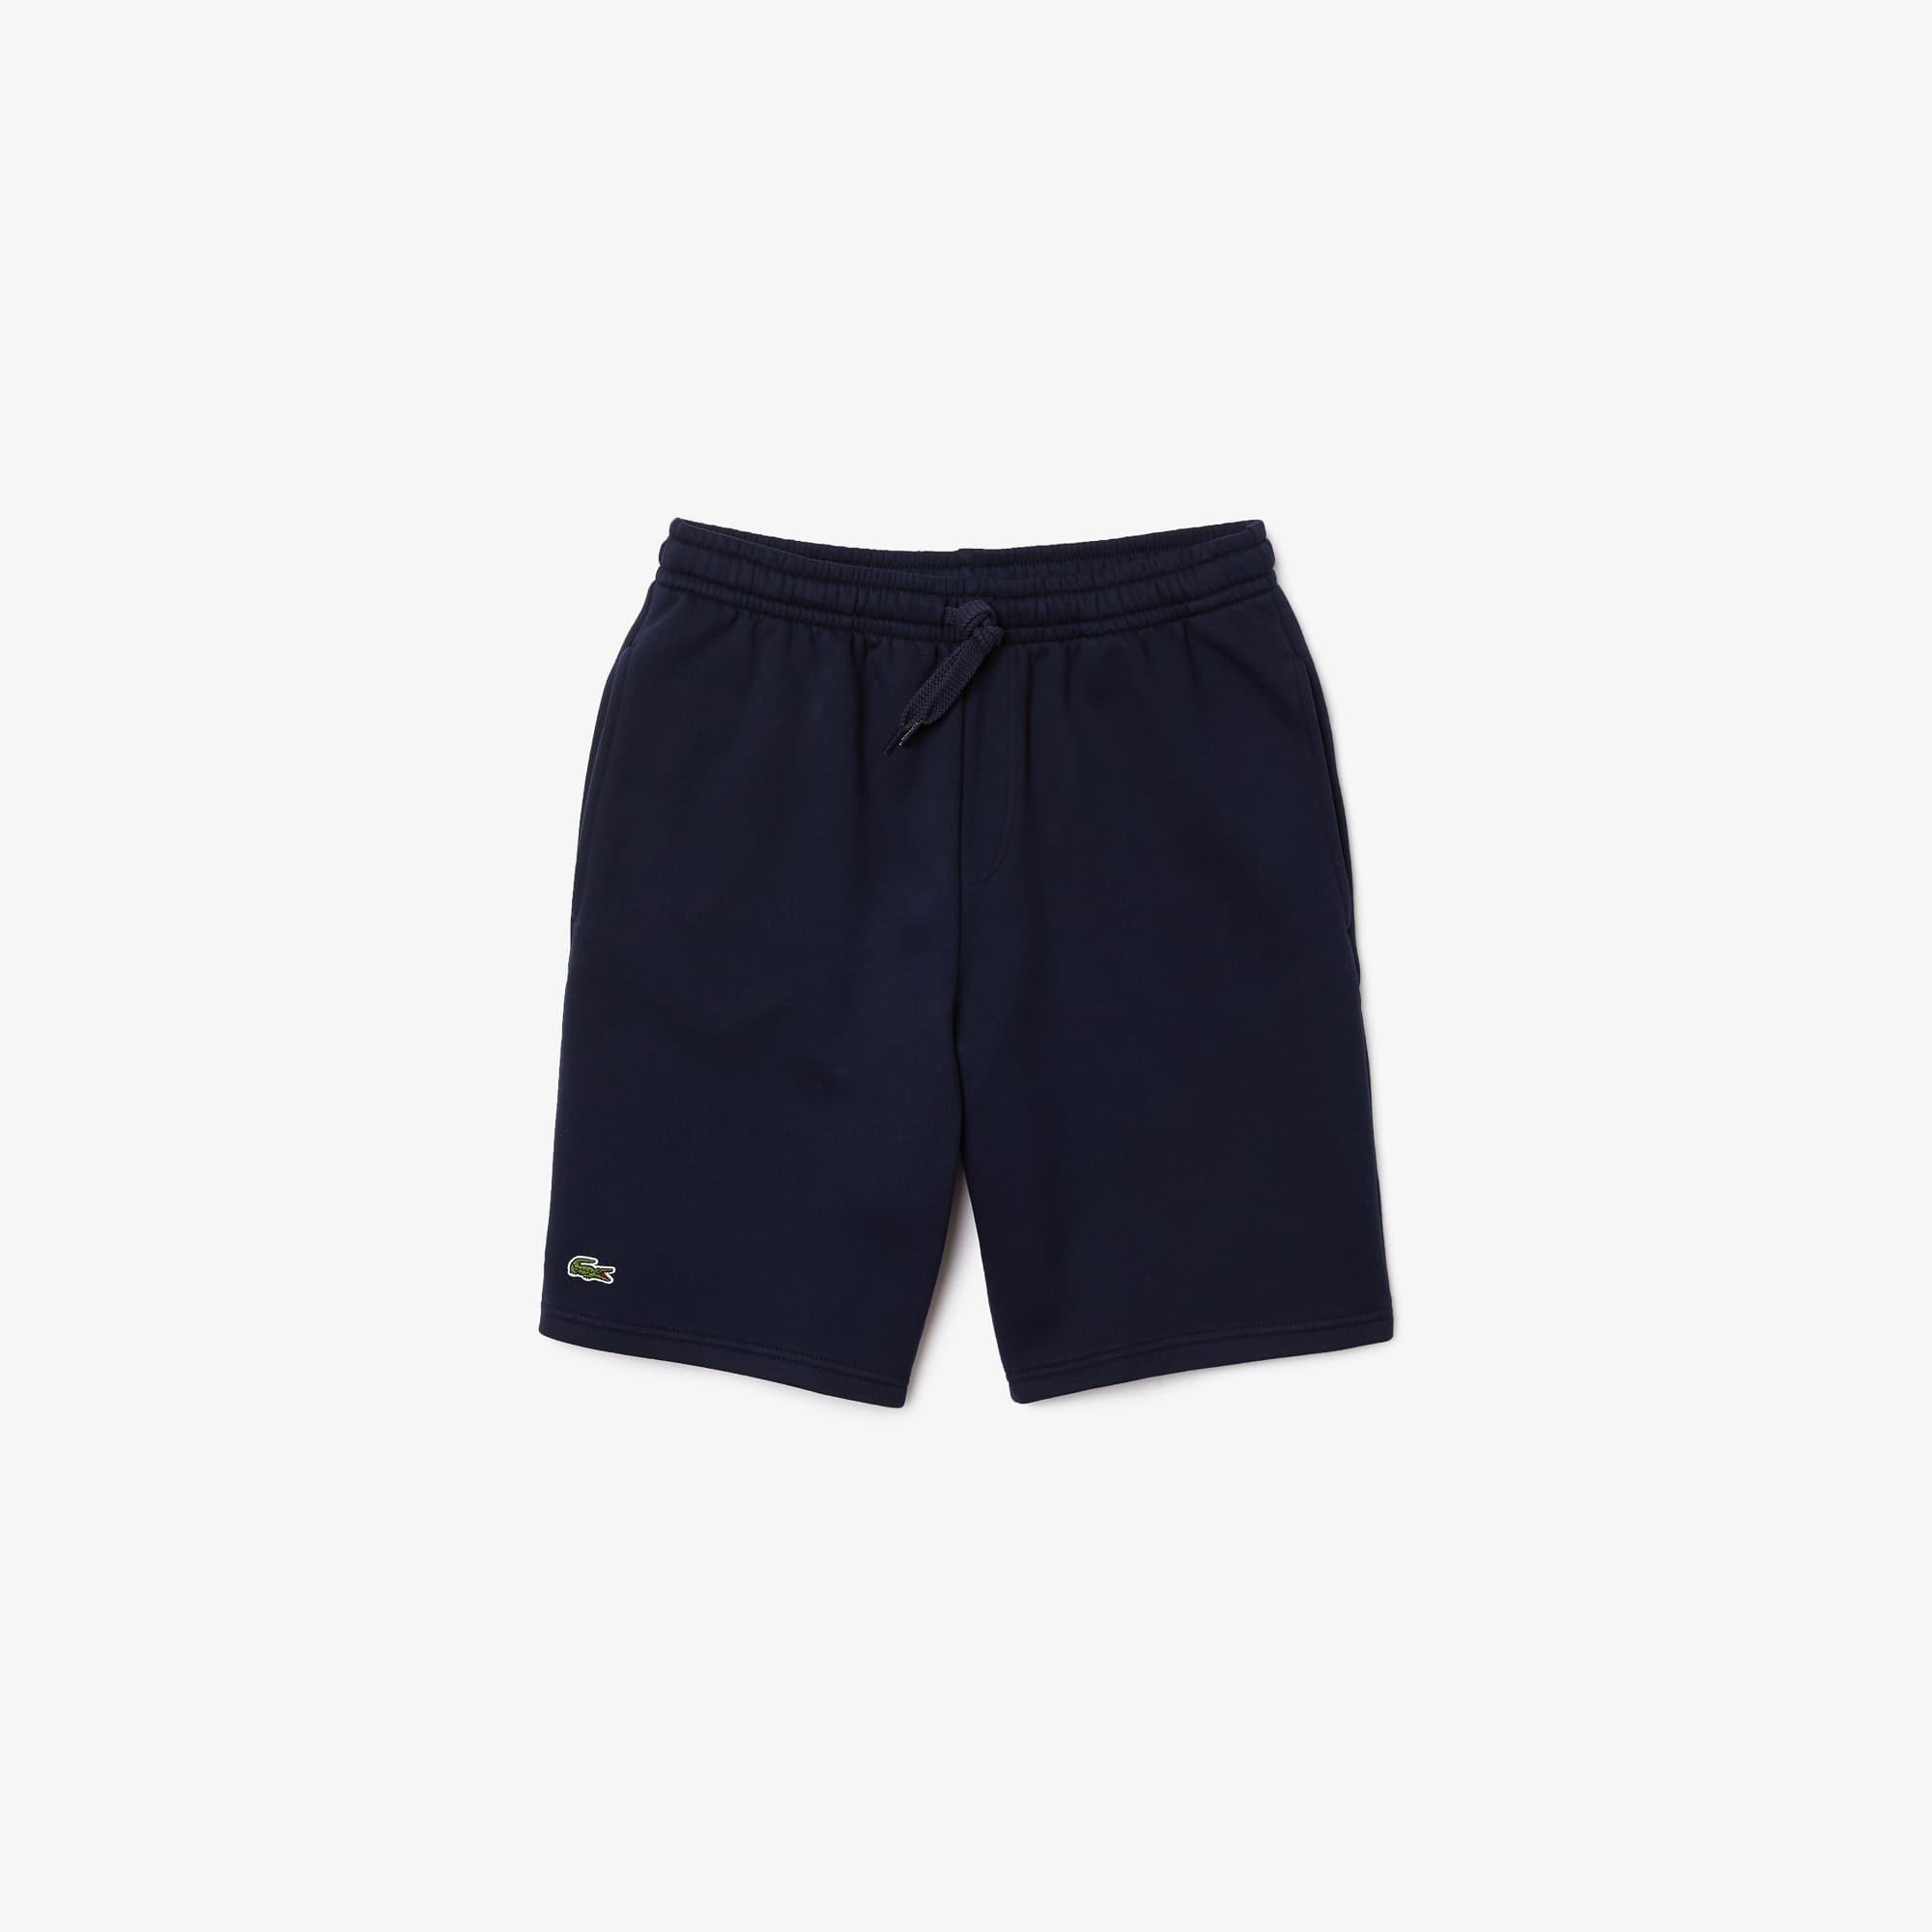 Pantalón corto de hombre de muletón Lacoste SPORT Tennis